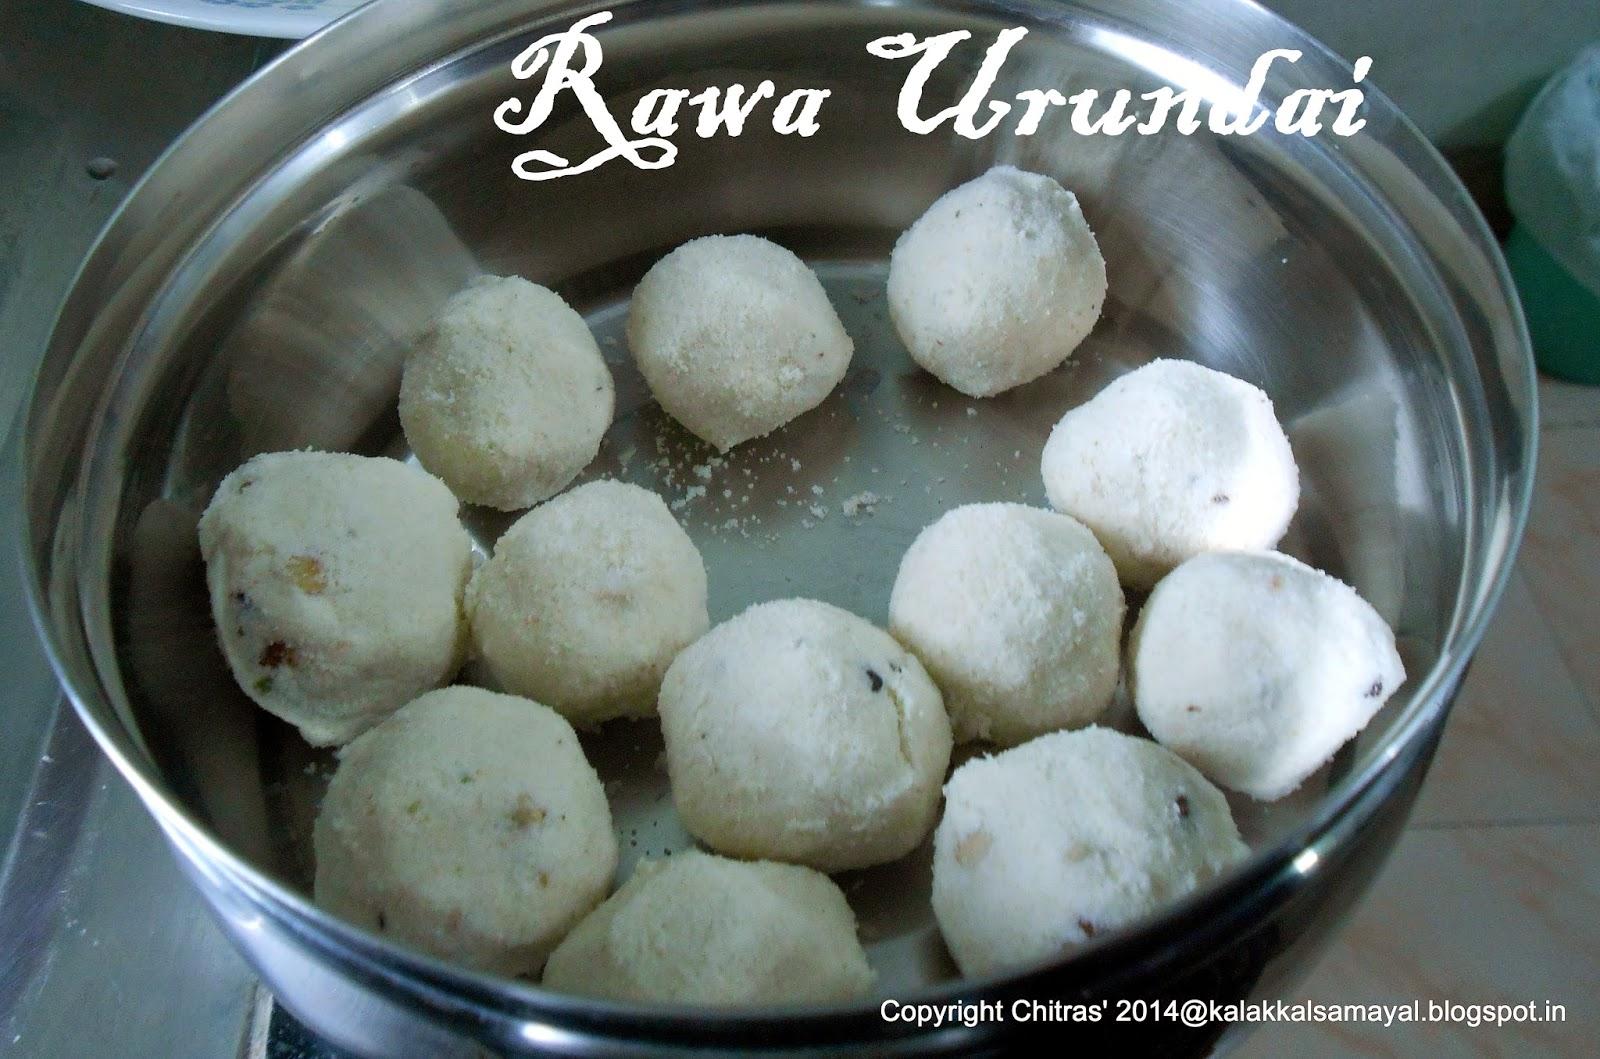 Rawa Urundai